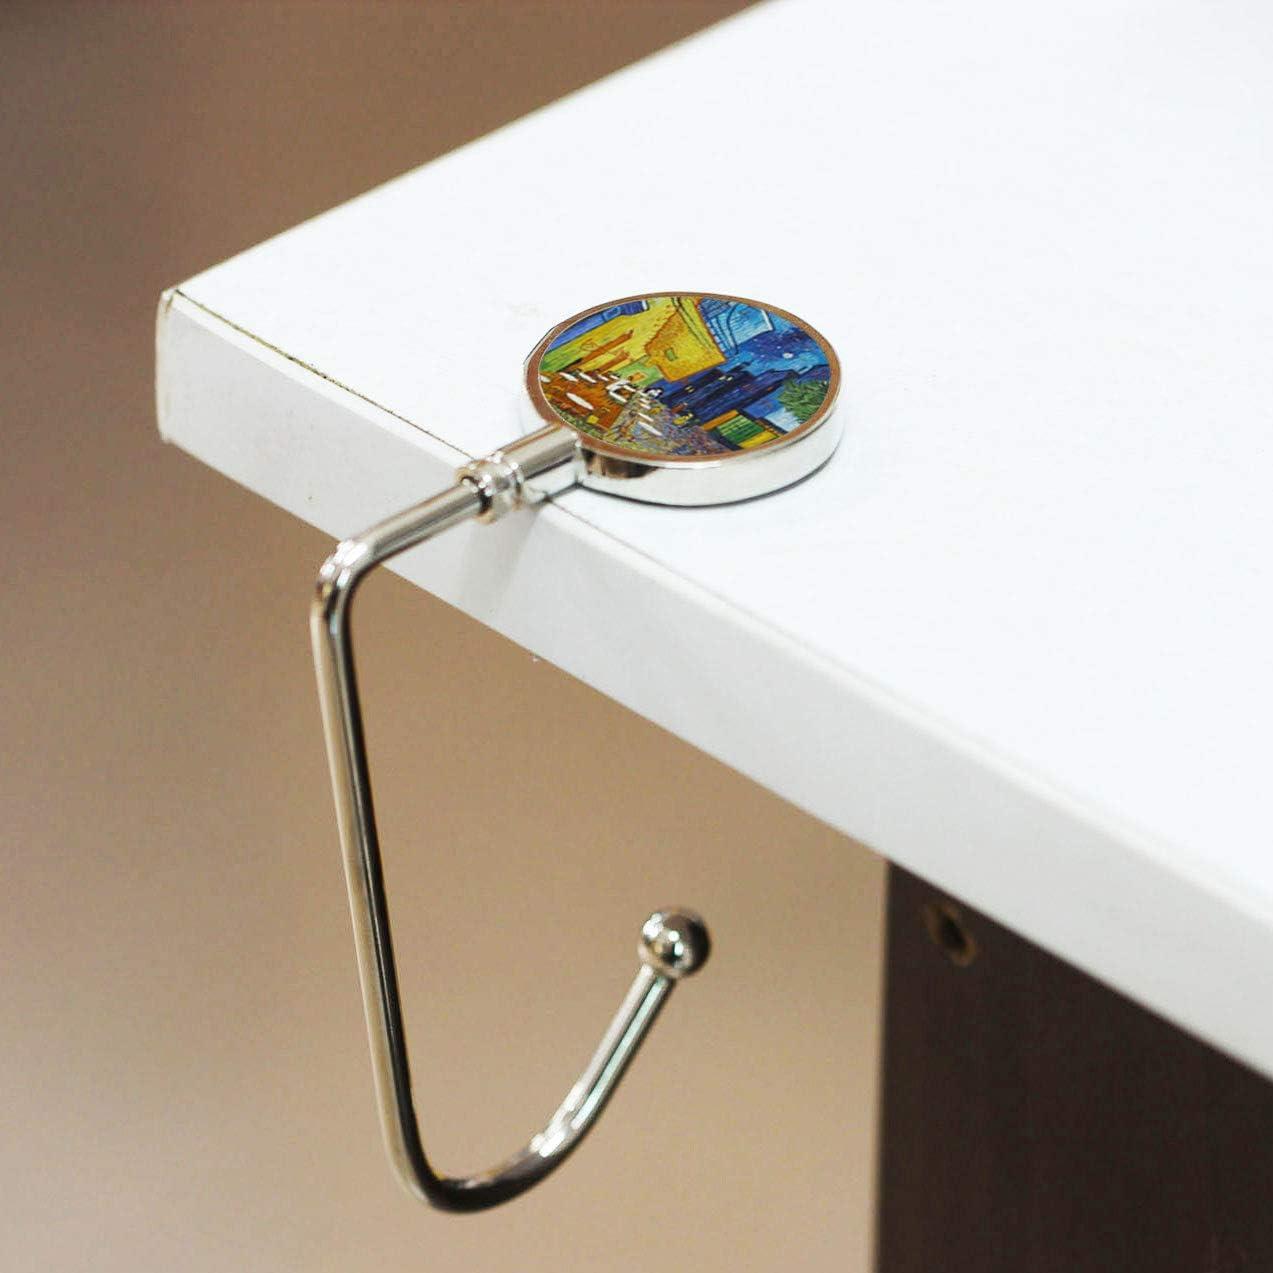 Cheliz Purse Hook Set of 3 Hanger Table Hanger Holder Womens Bag Storage 4-Crystal